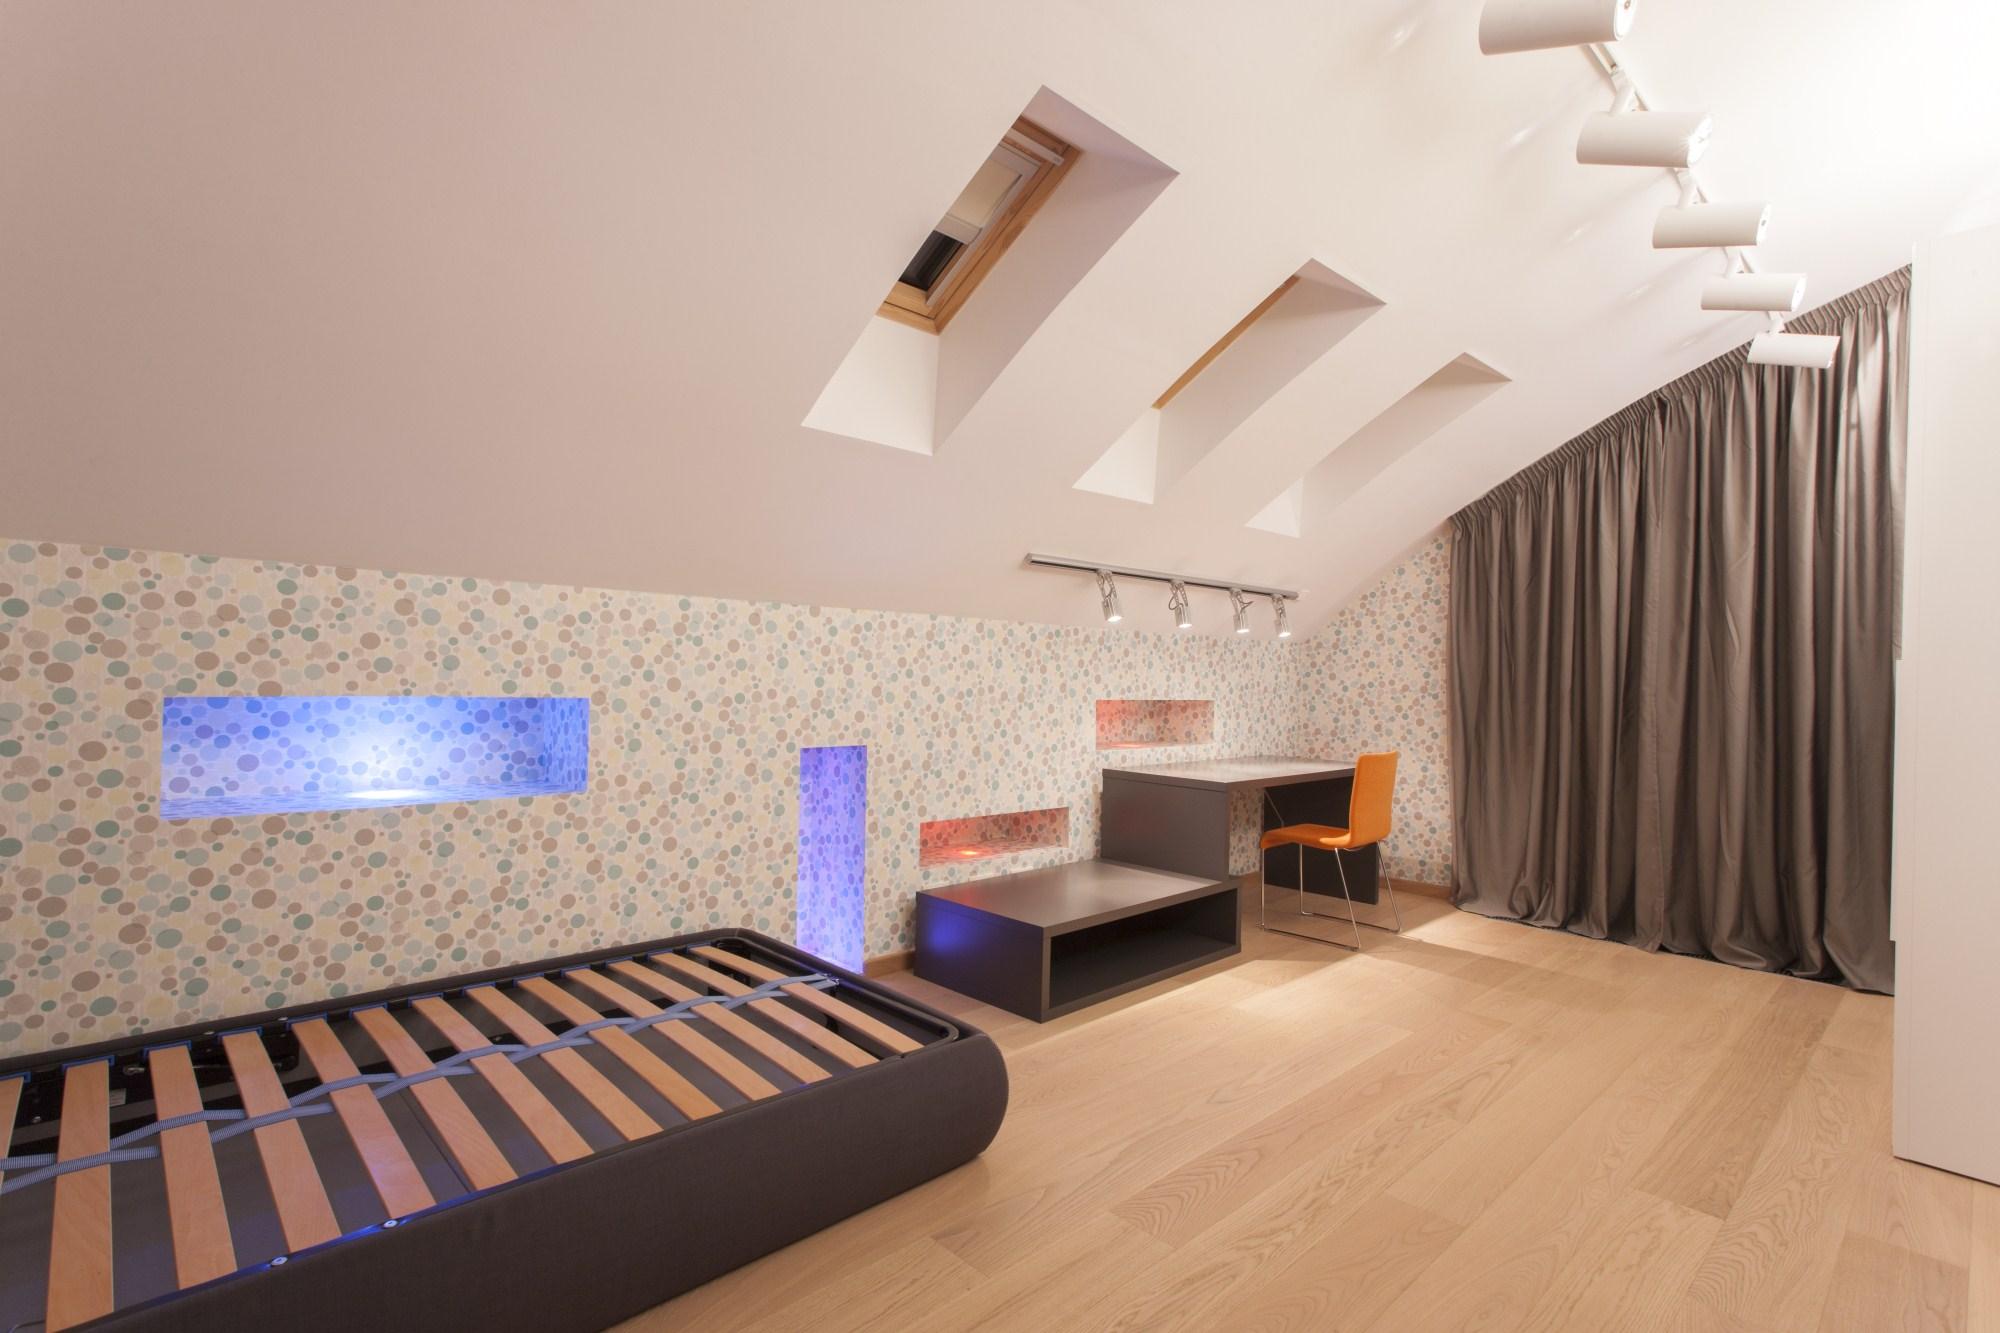 https://nbc-arhitect.ro/wp-content/uploads/2020/11/NBC-Arhitect-_-interior-design-_-Petofi-Sandor-_-Romania_10.jpg